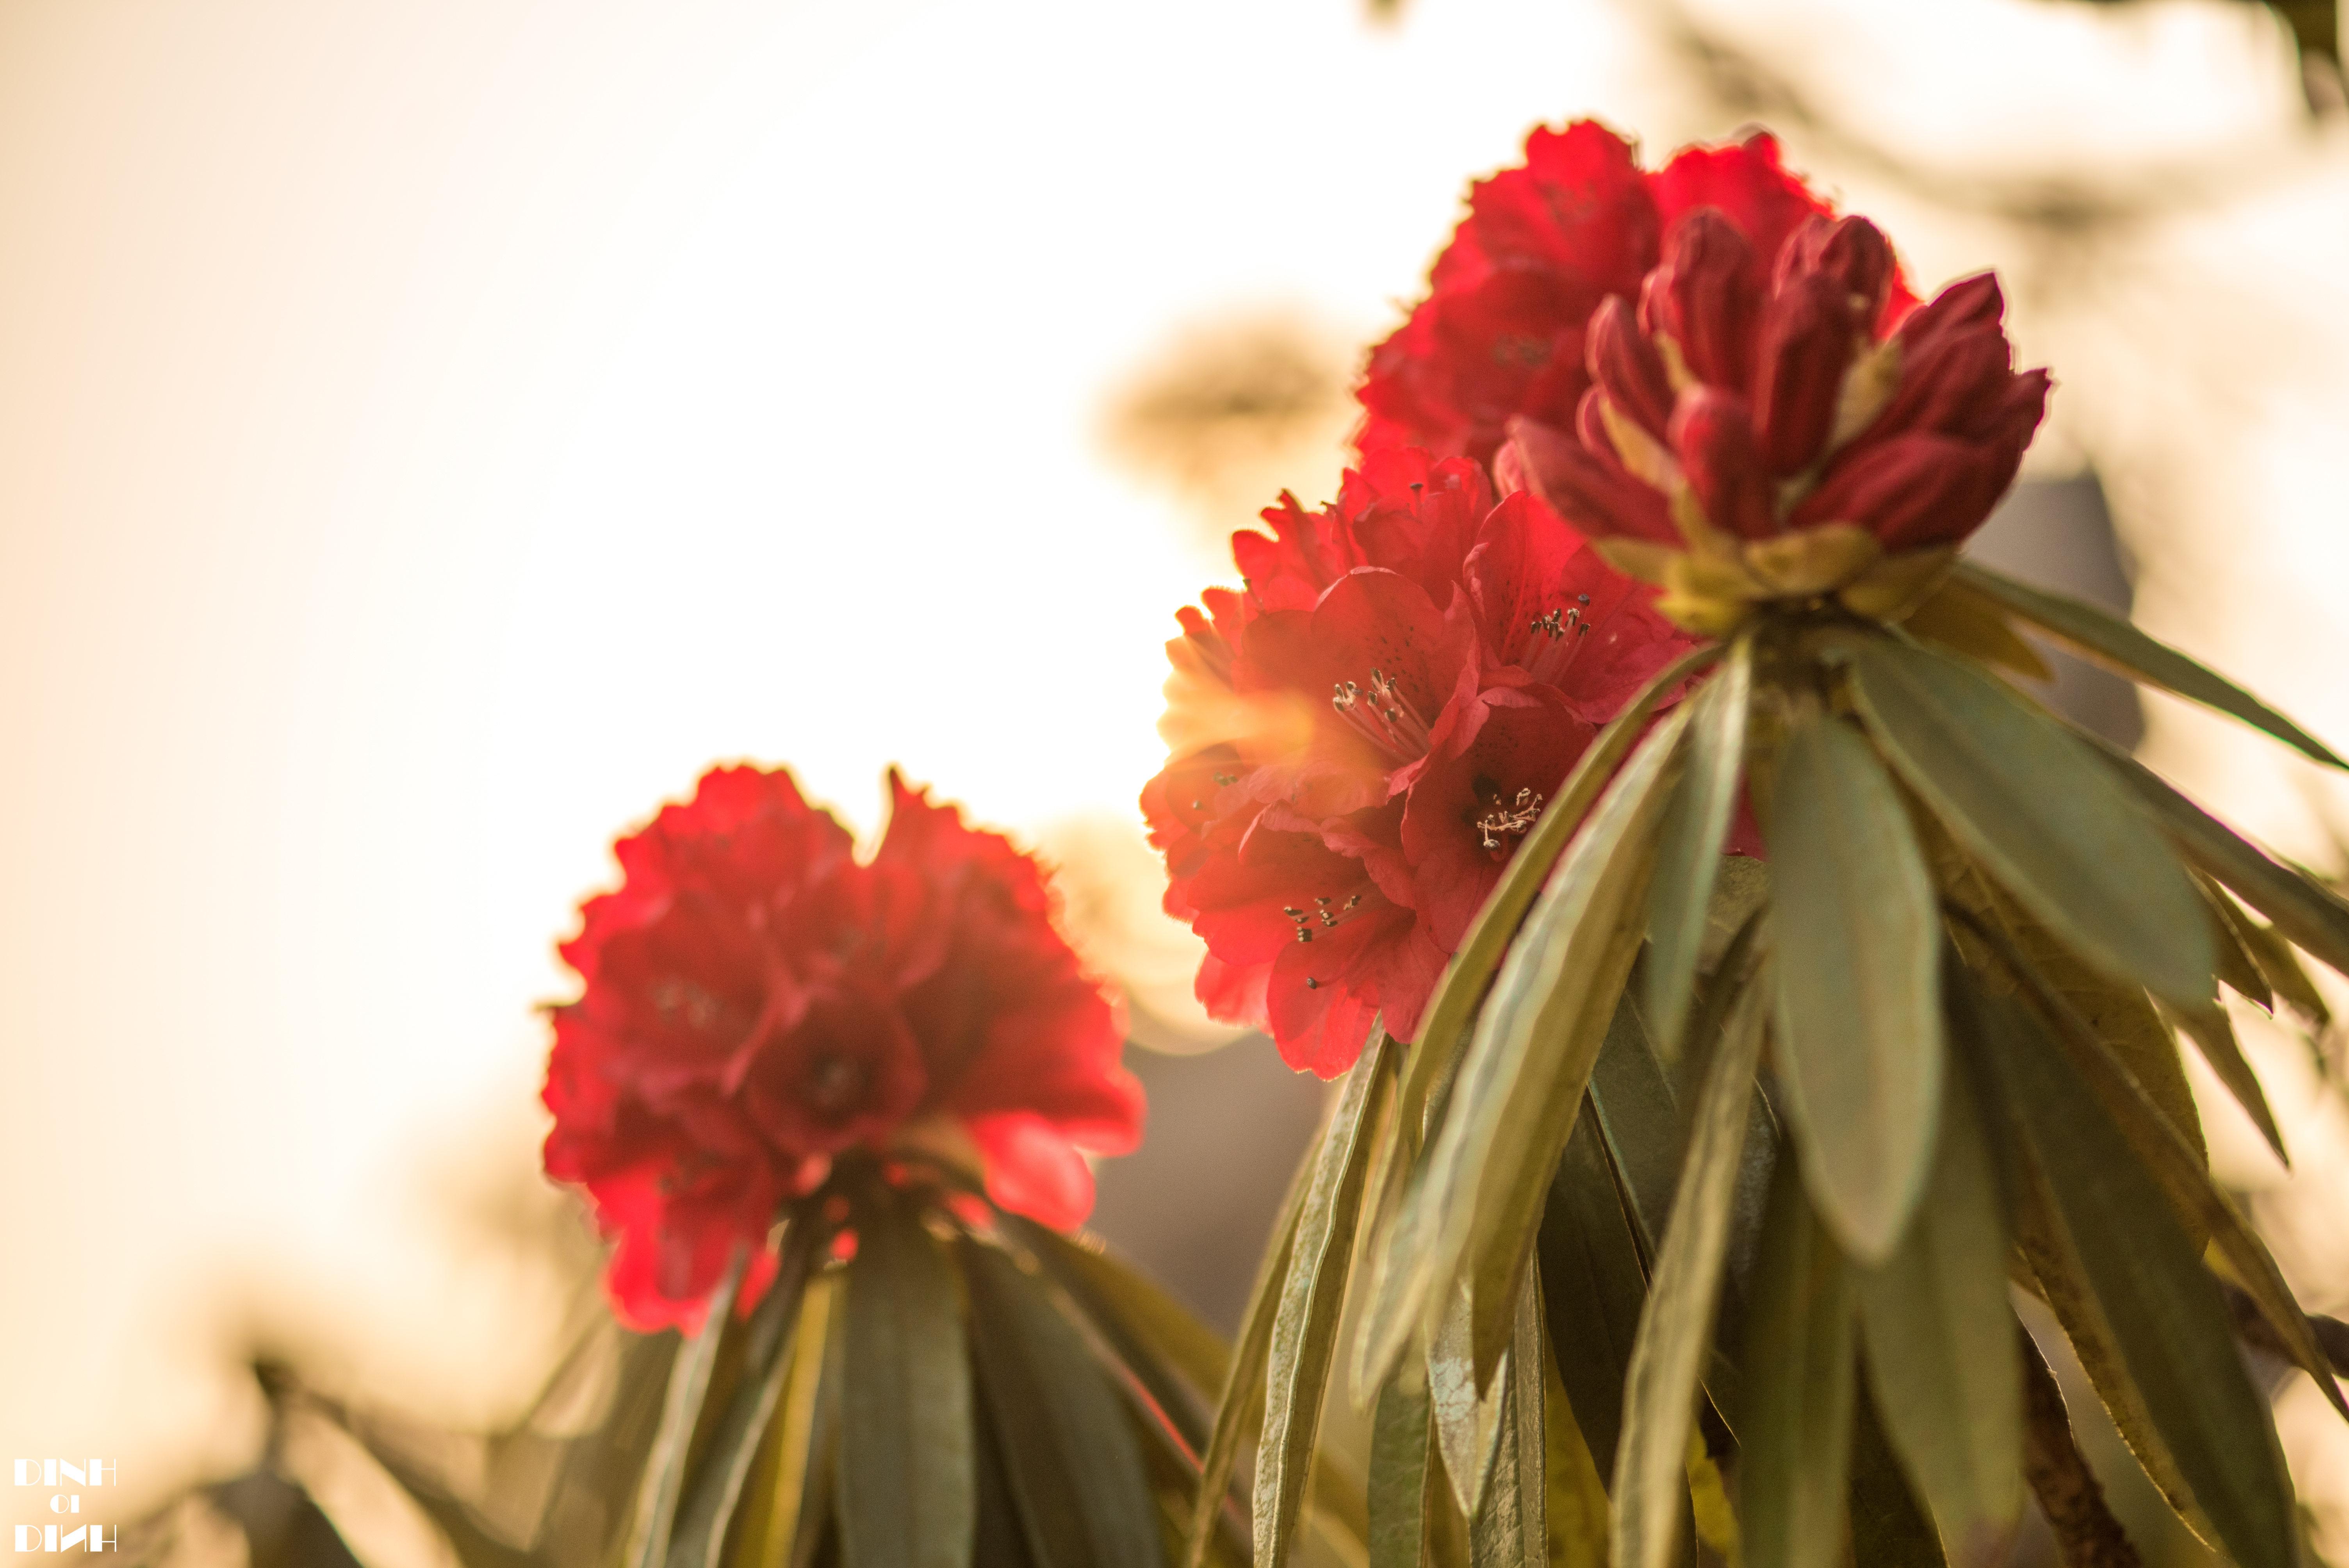 繁花迷人眼 毕节百里杜鹃开启最美春天 杜鹃花赏花攻略